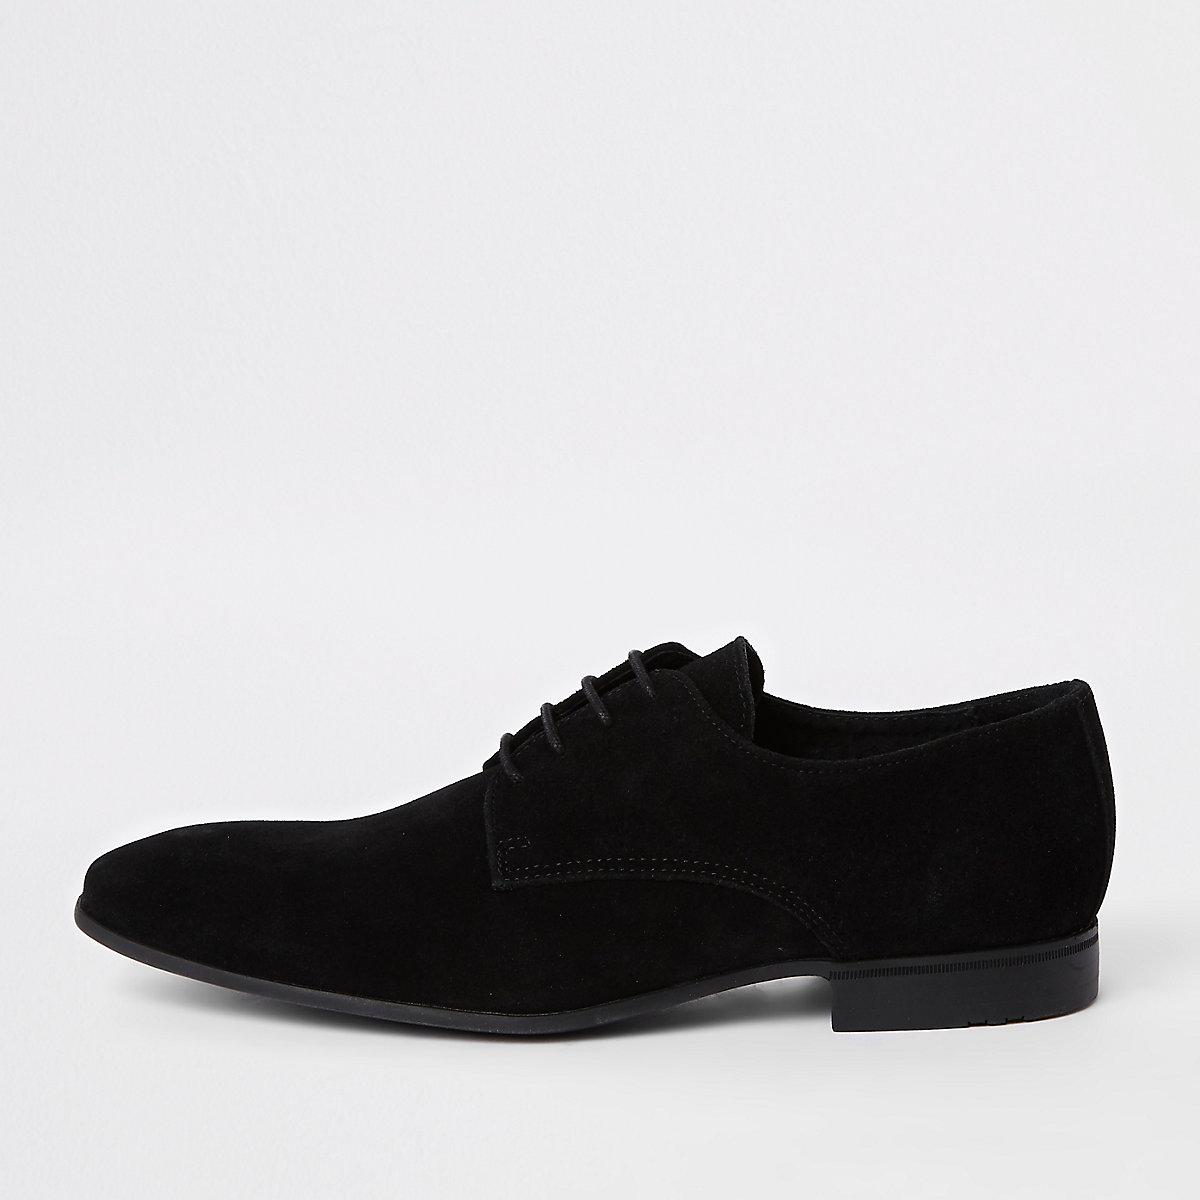 Chaussures derby lacées en daim noires